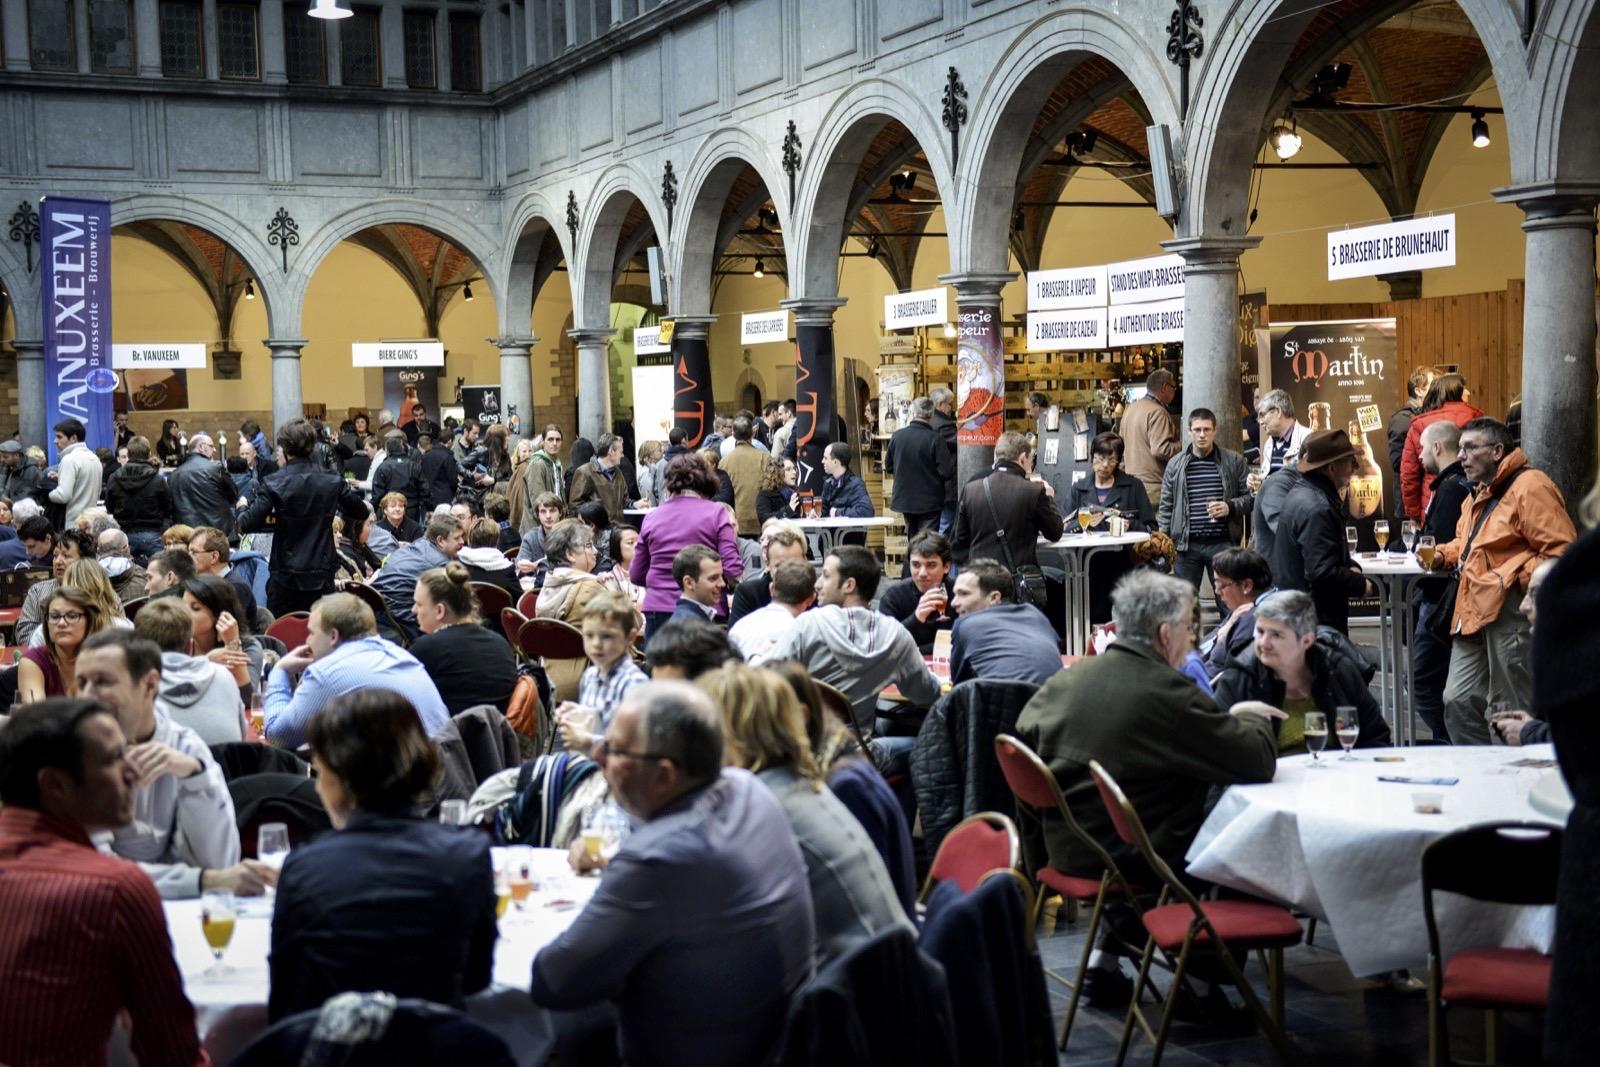 Festival brassicole de Tournai